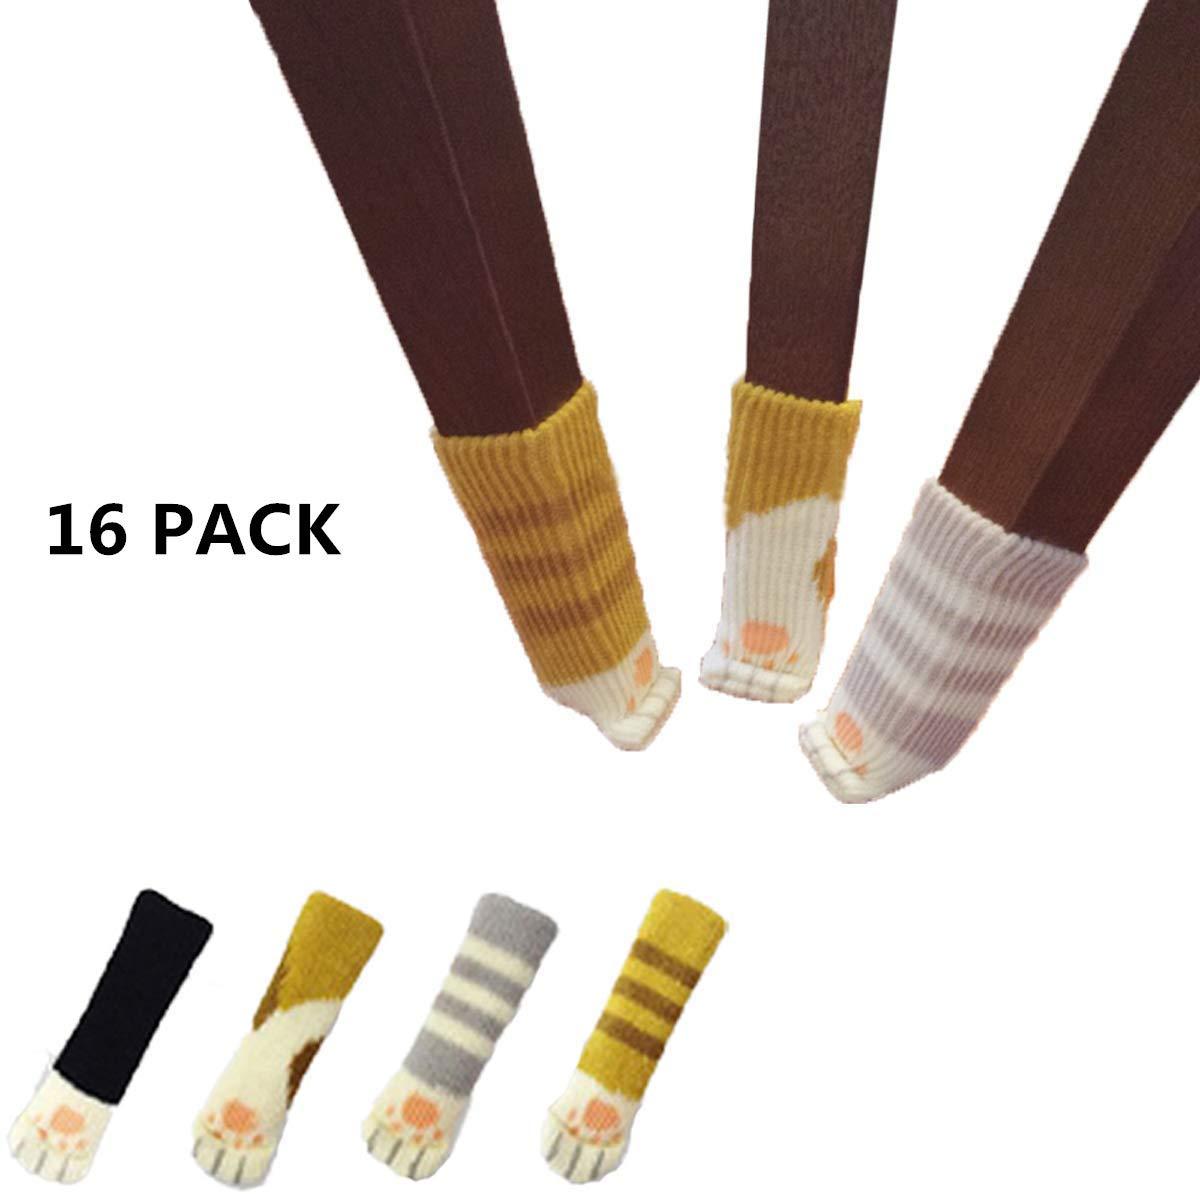 WESEEDOO Cojines para Muebles Silla Protectores De Piernas Calcetines para Silla Piel Antideslizante Premium Antideslizante Pies Caps 16 Pack